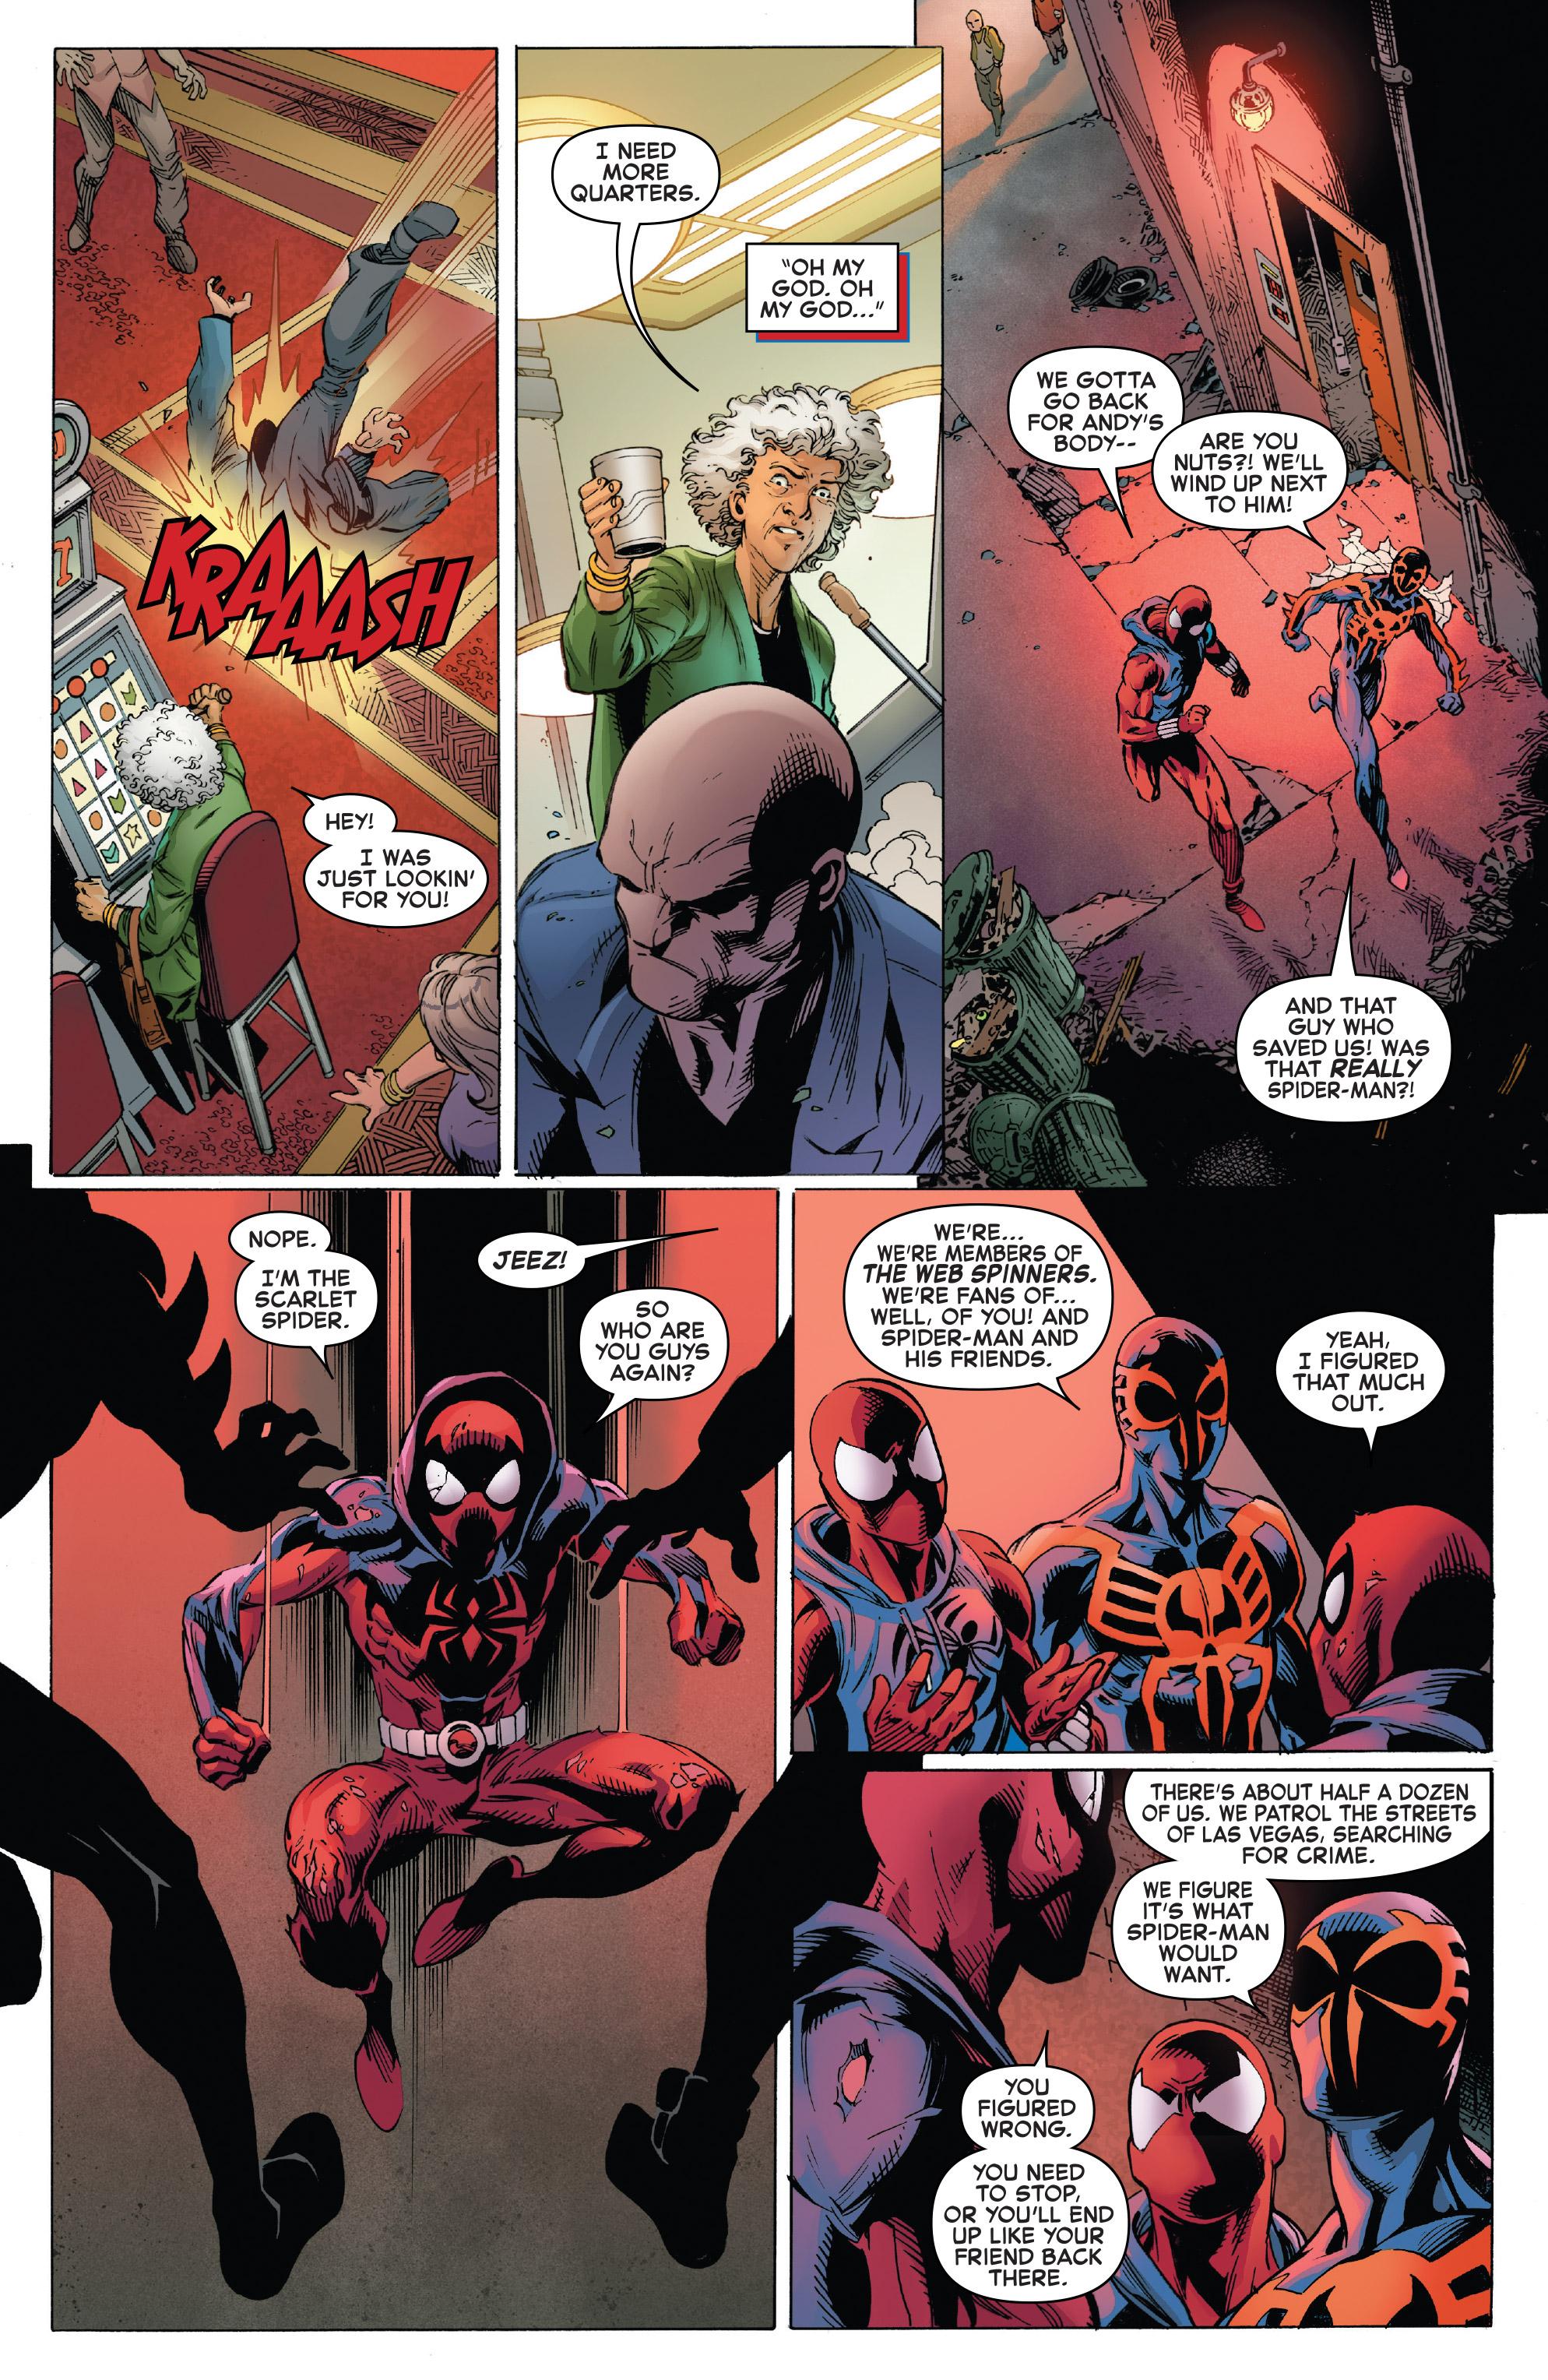 Read online Ben Reilly: Scarlet Spider comic -  Issue #3 - 21